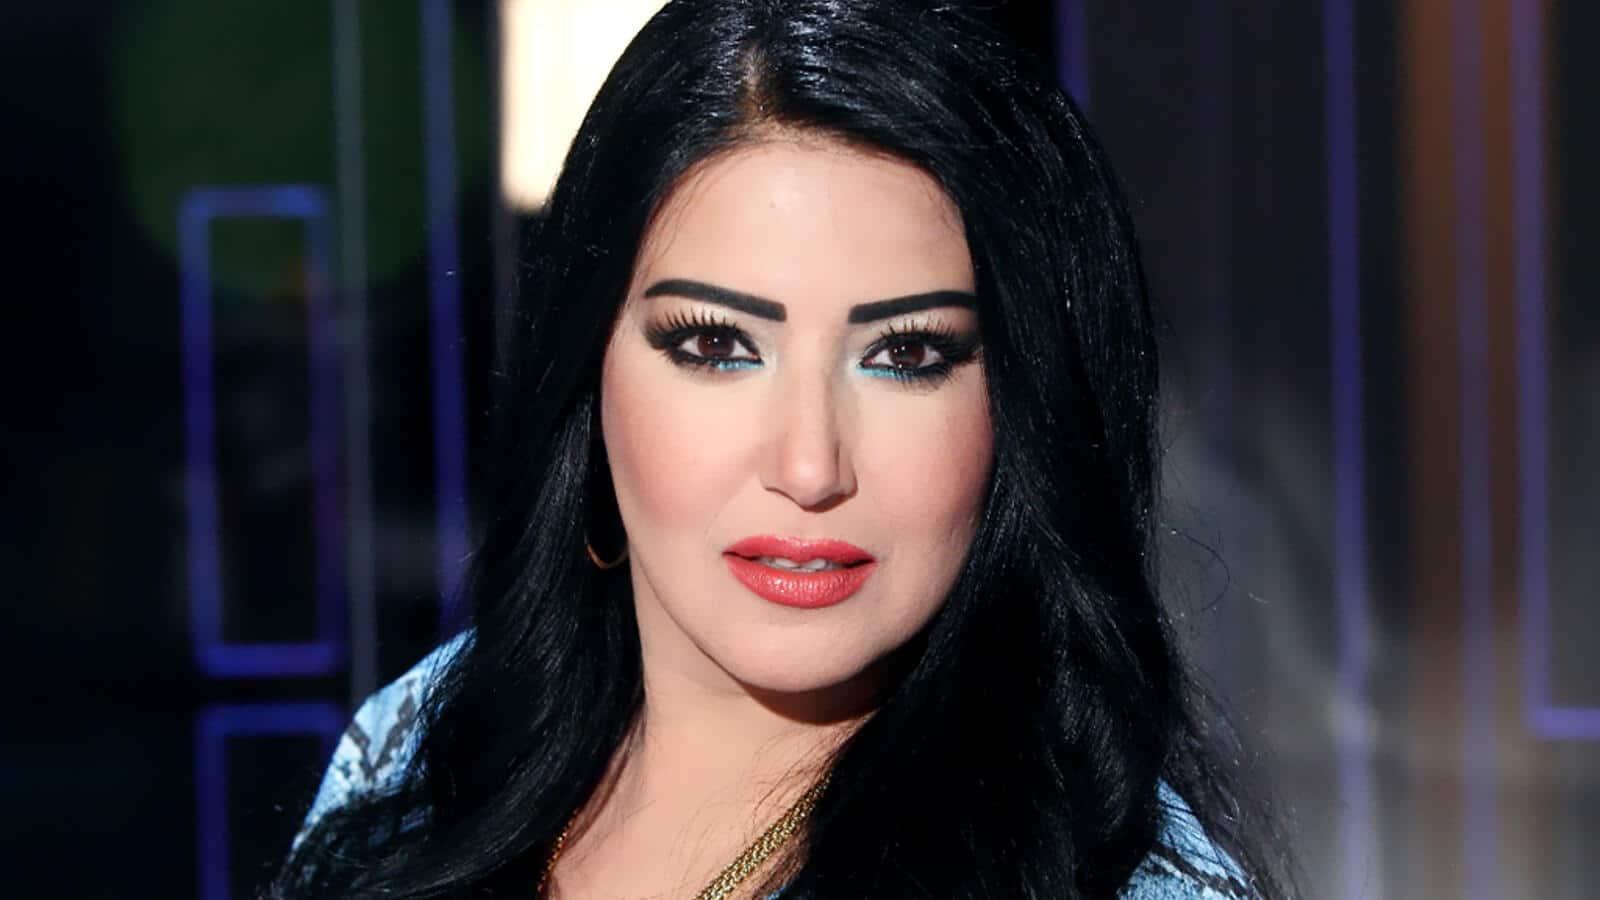 سمية الخشاب تؤدي وصلة رقص مثيرة بفستان مكشوف الصدر والجمهور يتهمها بتقليد فيفي عبده!